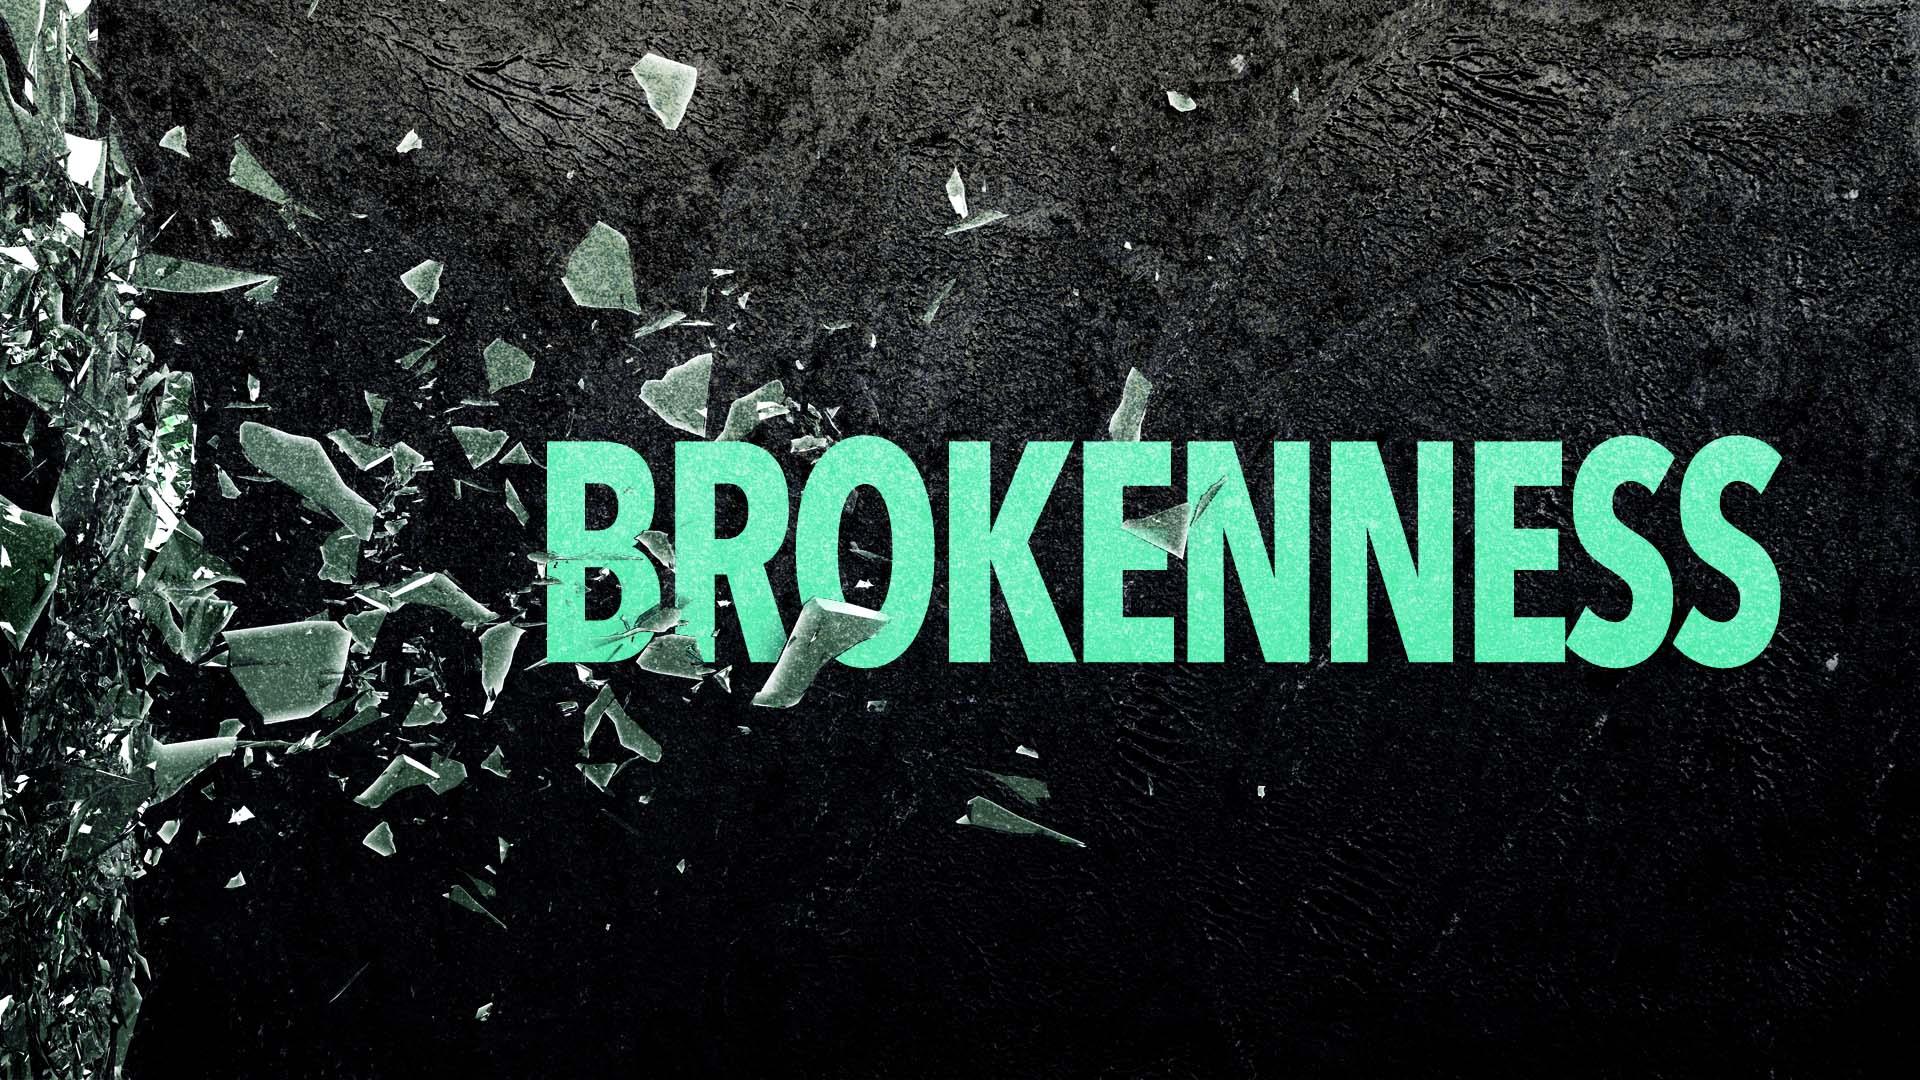 Brokenness-Ttl.jpg